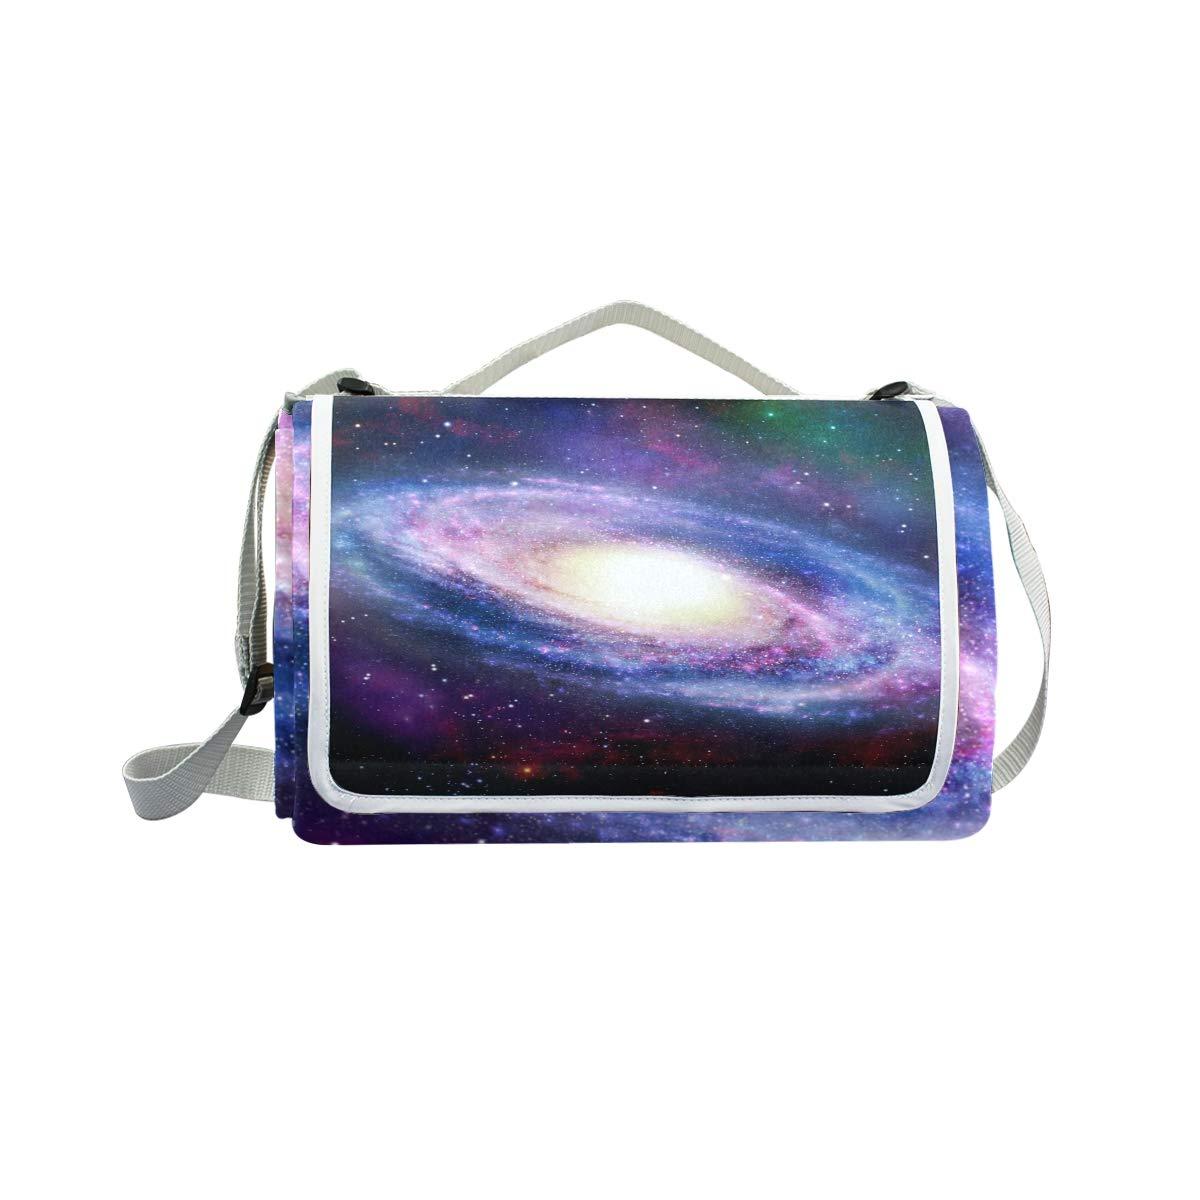 Jeansame Galaxy Stars Universe Space Nebula Picnic Mat Coperta da Picnic, da Campeggio per Outdoor Viaggio Yoga Escursionismo Impermeabile Portatile Pieghevole 150 x 145 cm